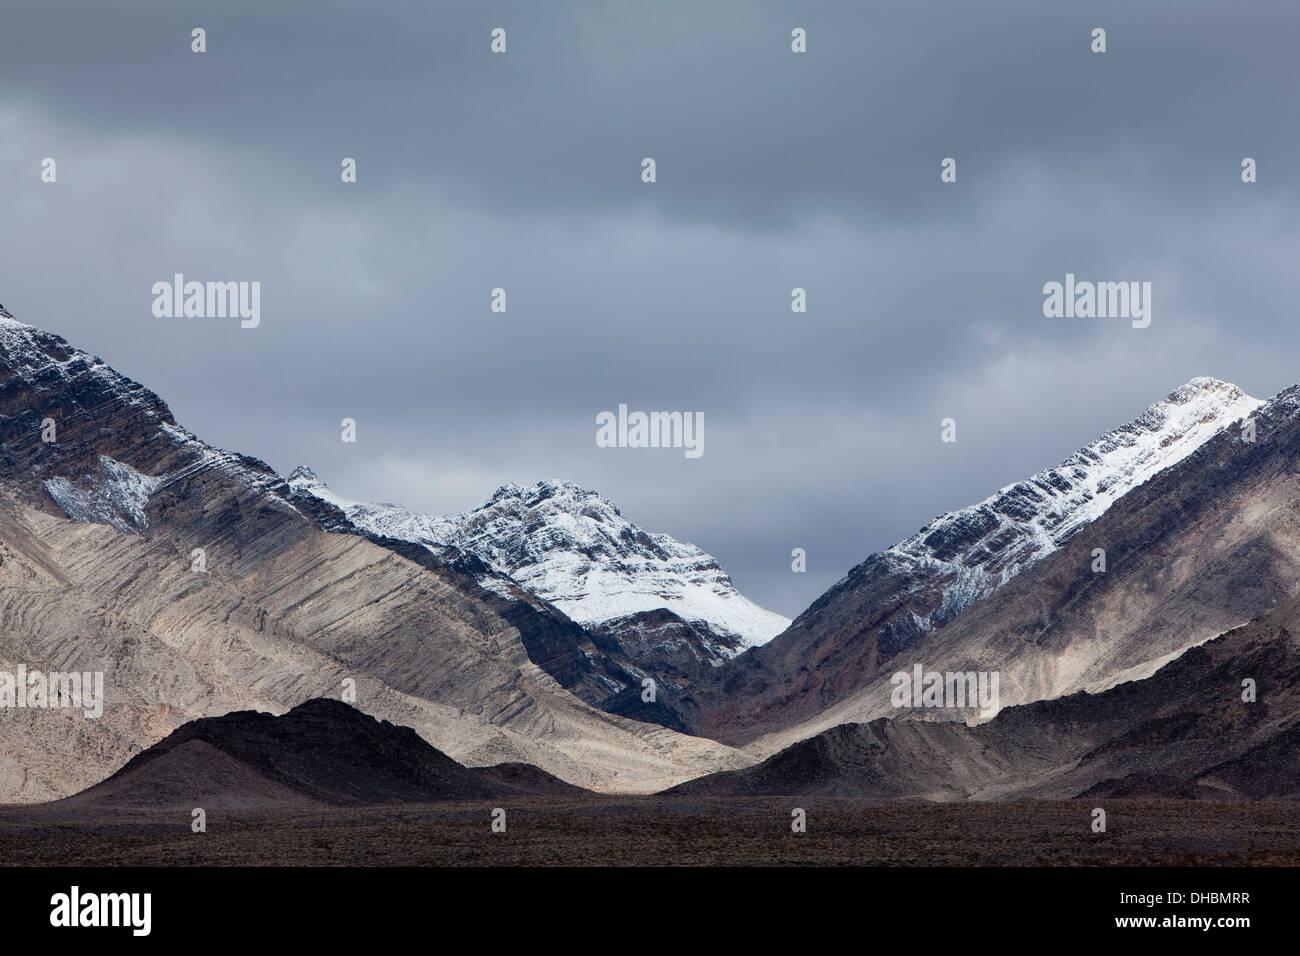 Montagnes couvertes de neige et ciel menaçant, Panamint Mountains, Death Valley NP Photo Stock